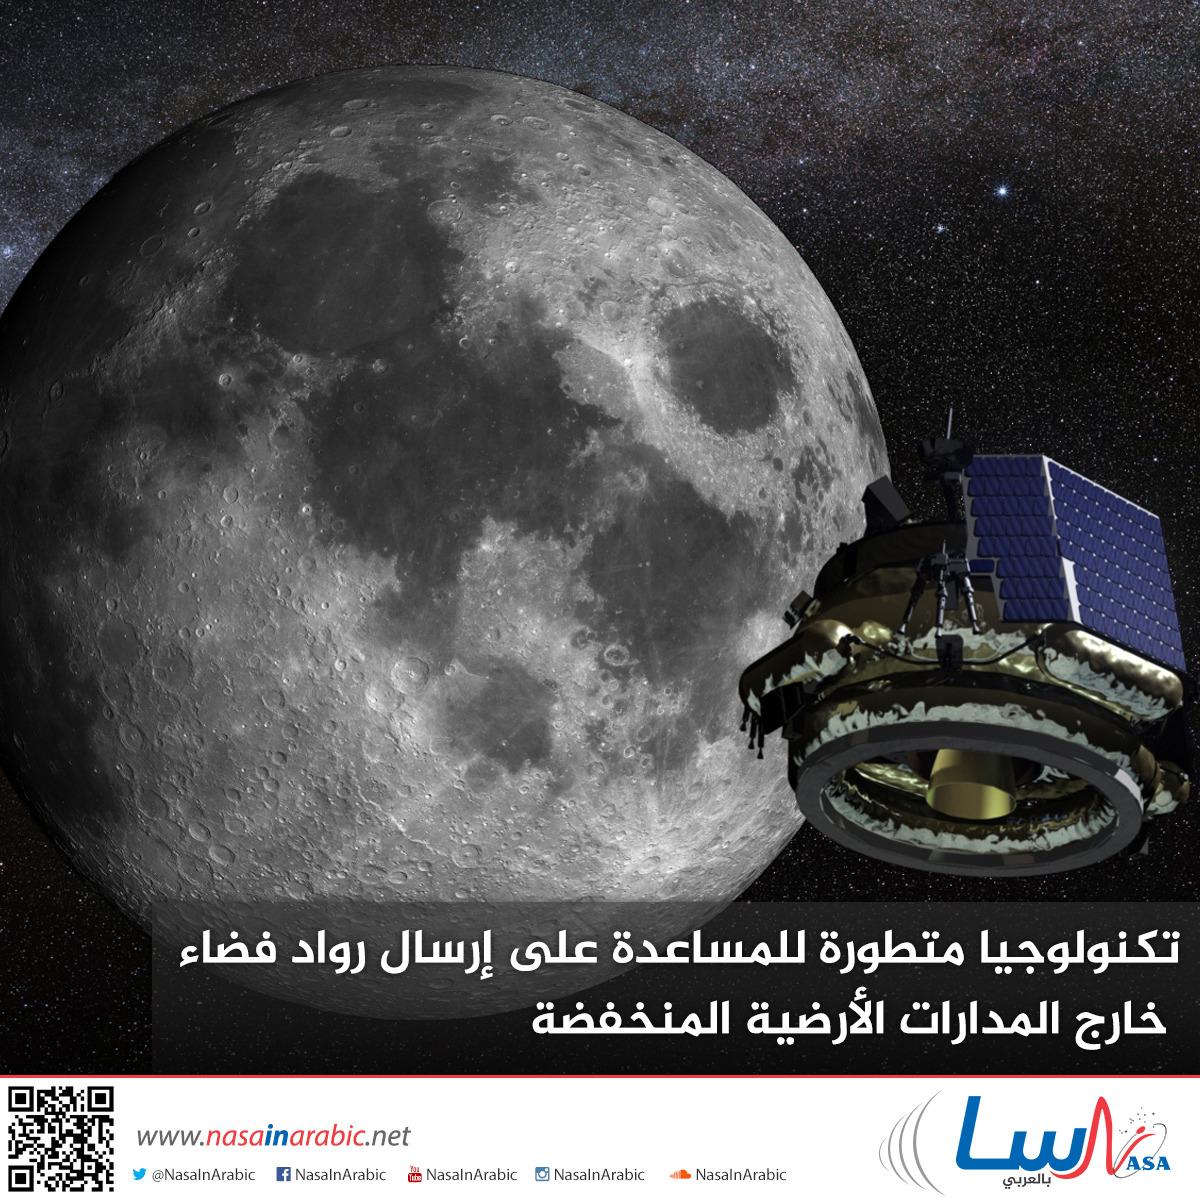 تكنولوجيا متطورة للمساعدة على إرسال رواد فضاء خارج المدارات الأرضية المنخفضة